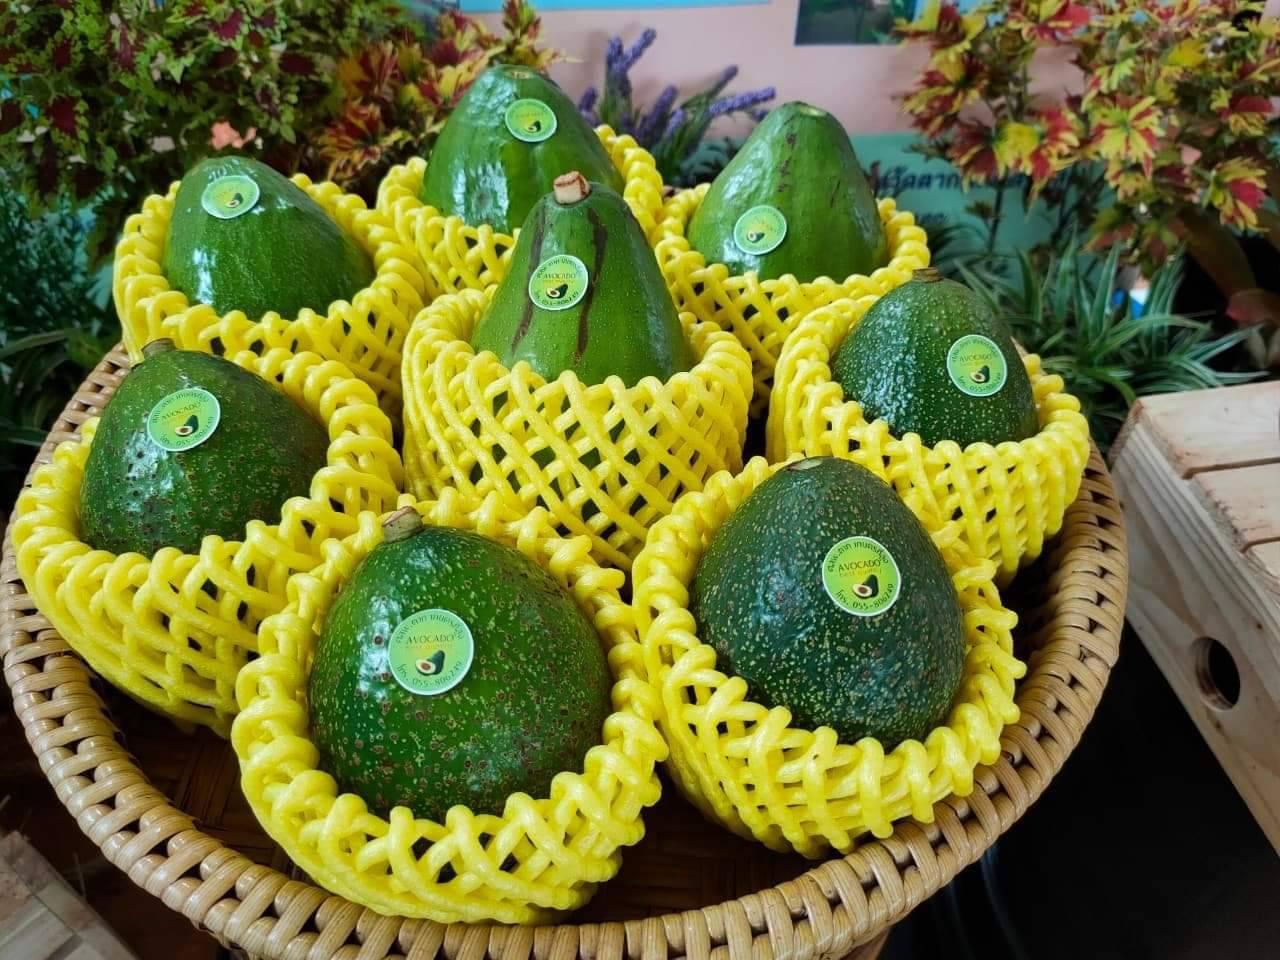 ชวนเที่ยวงาน...เทศกาลอะโวคาโด้ พบพระ ชม ชิม ช๊อป อะโวคาโด้สดๆจากสวน และผลิตภัณฑ์แปรรูป